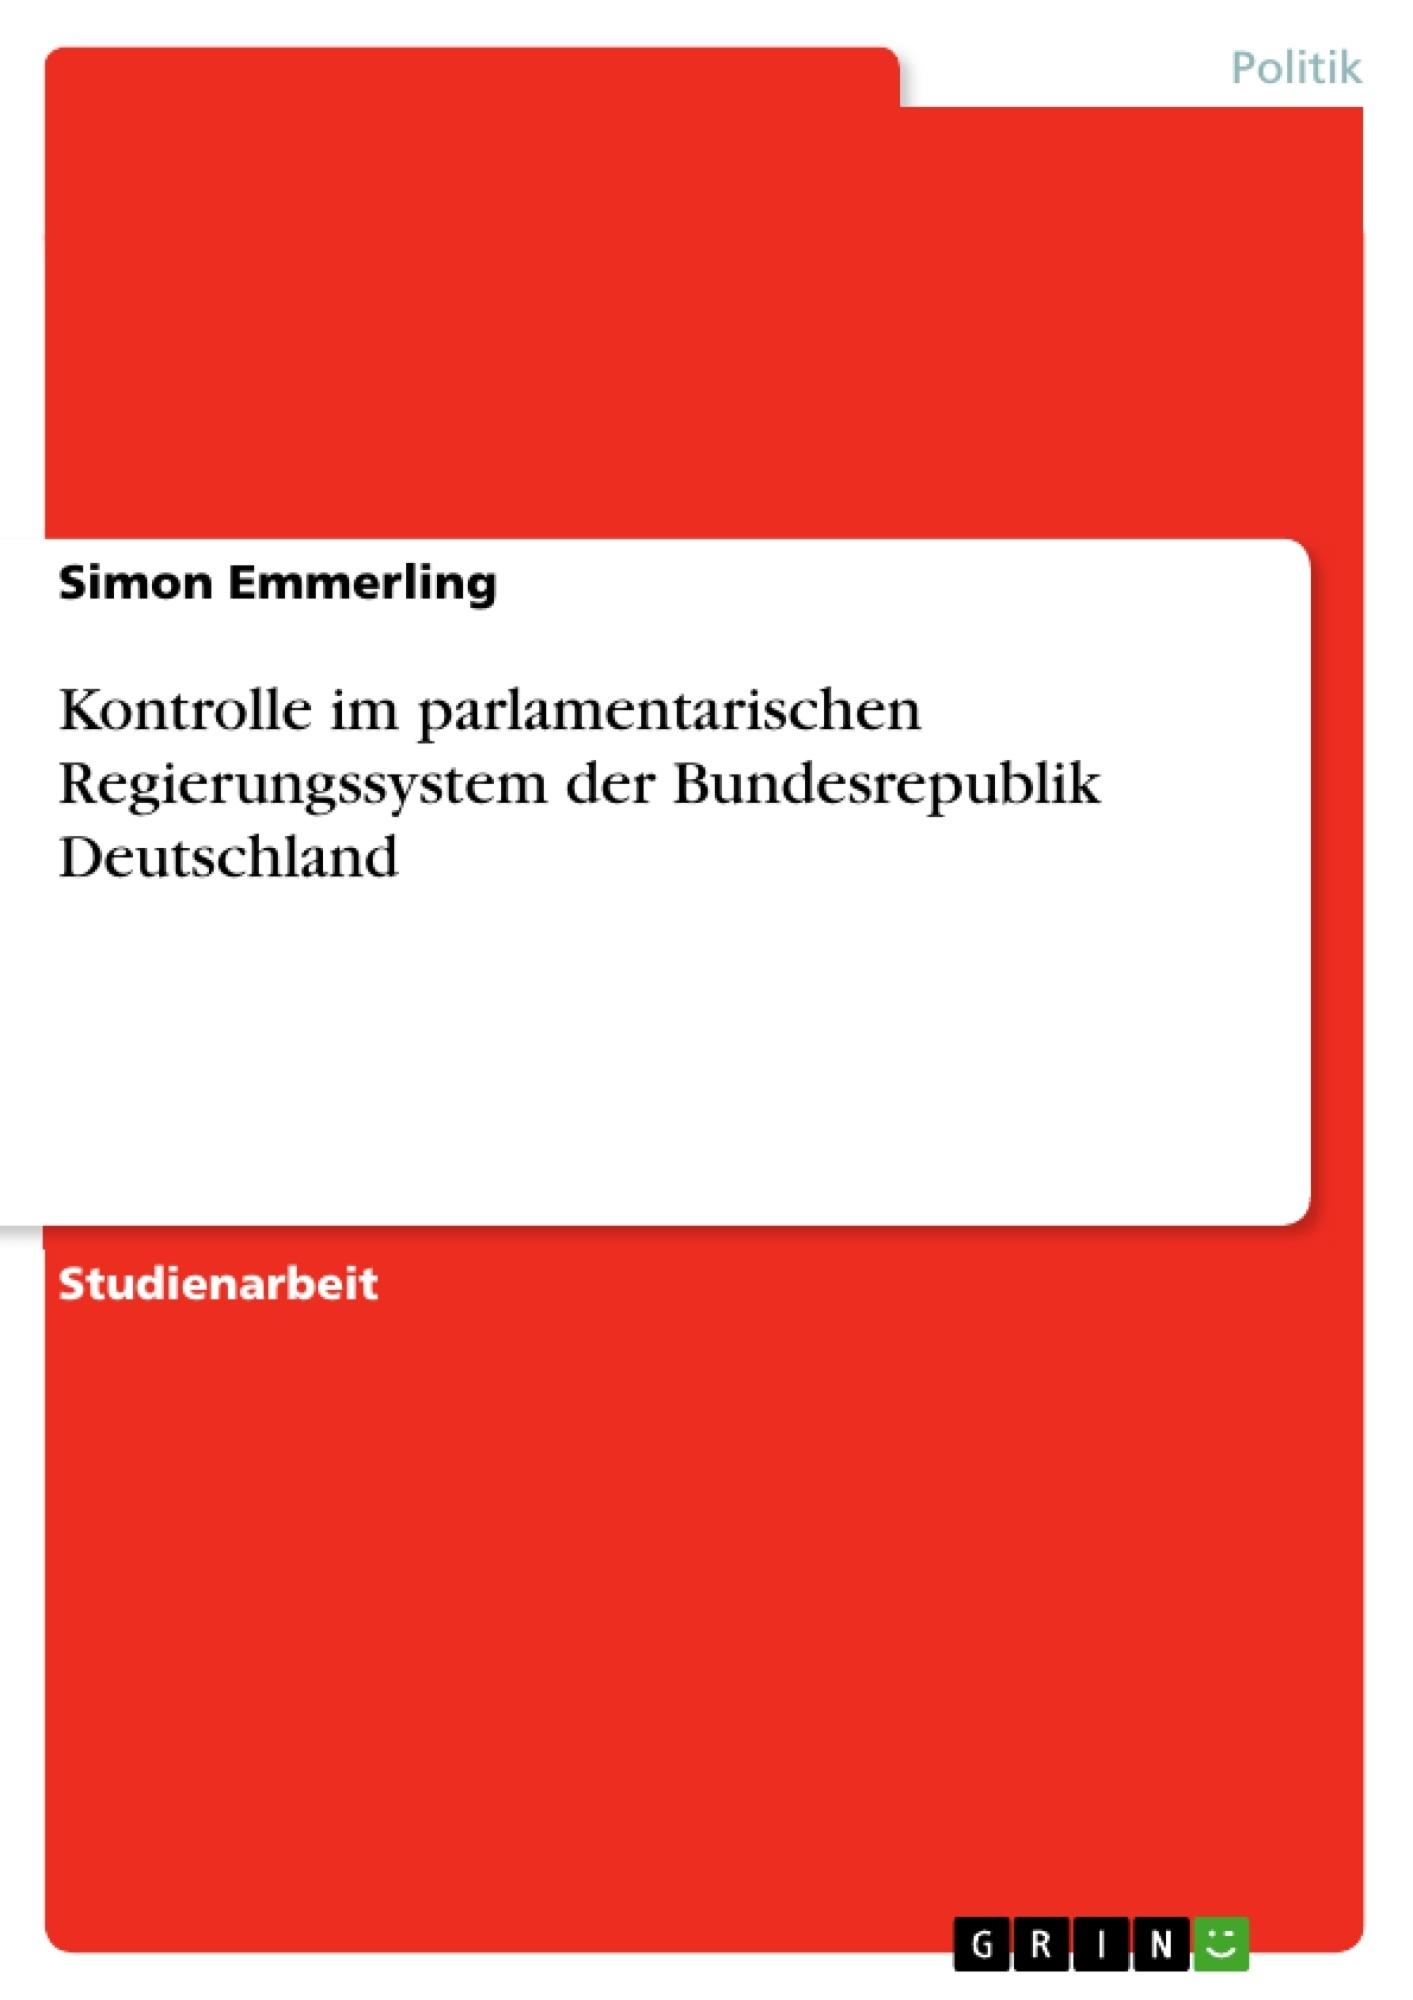 Titel: Kontrolle im parlamentarischen Regierungssystem der Bundesrepublik Deutschland